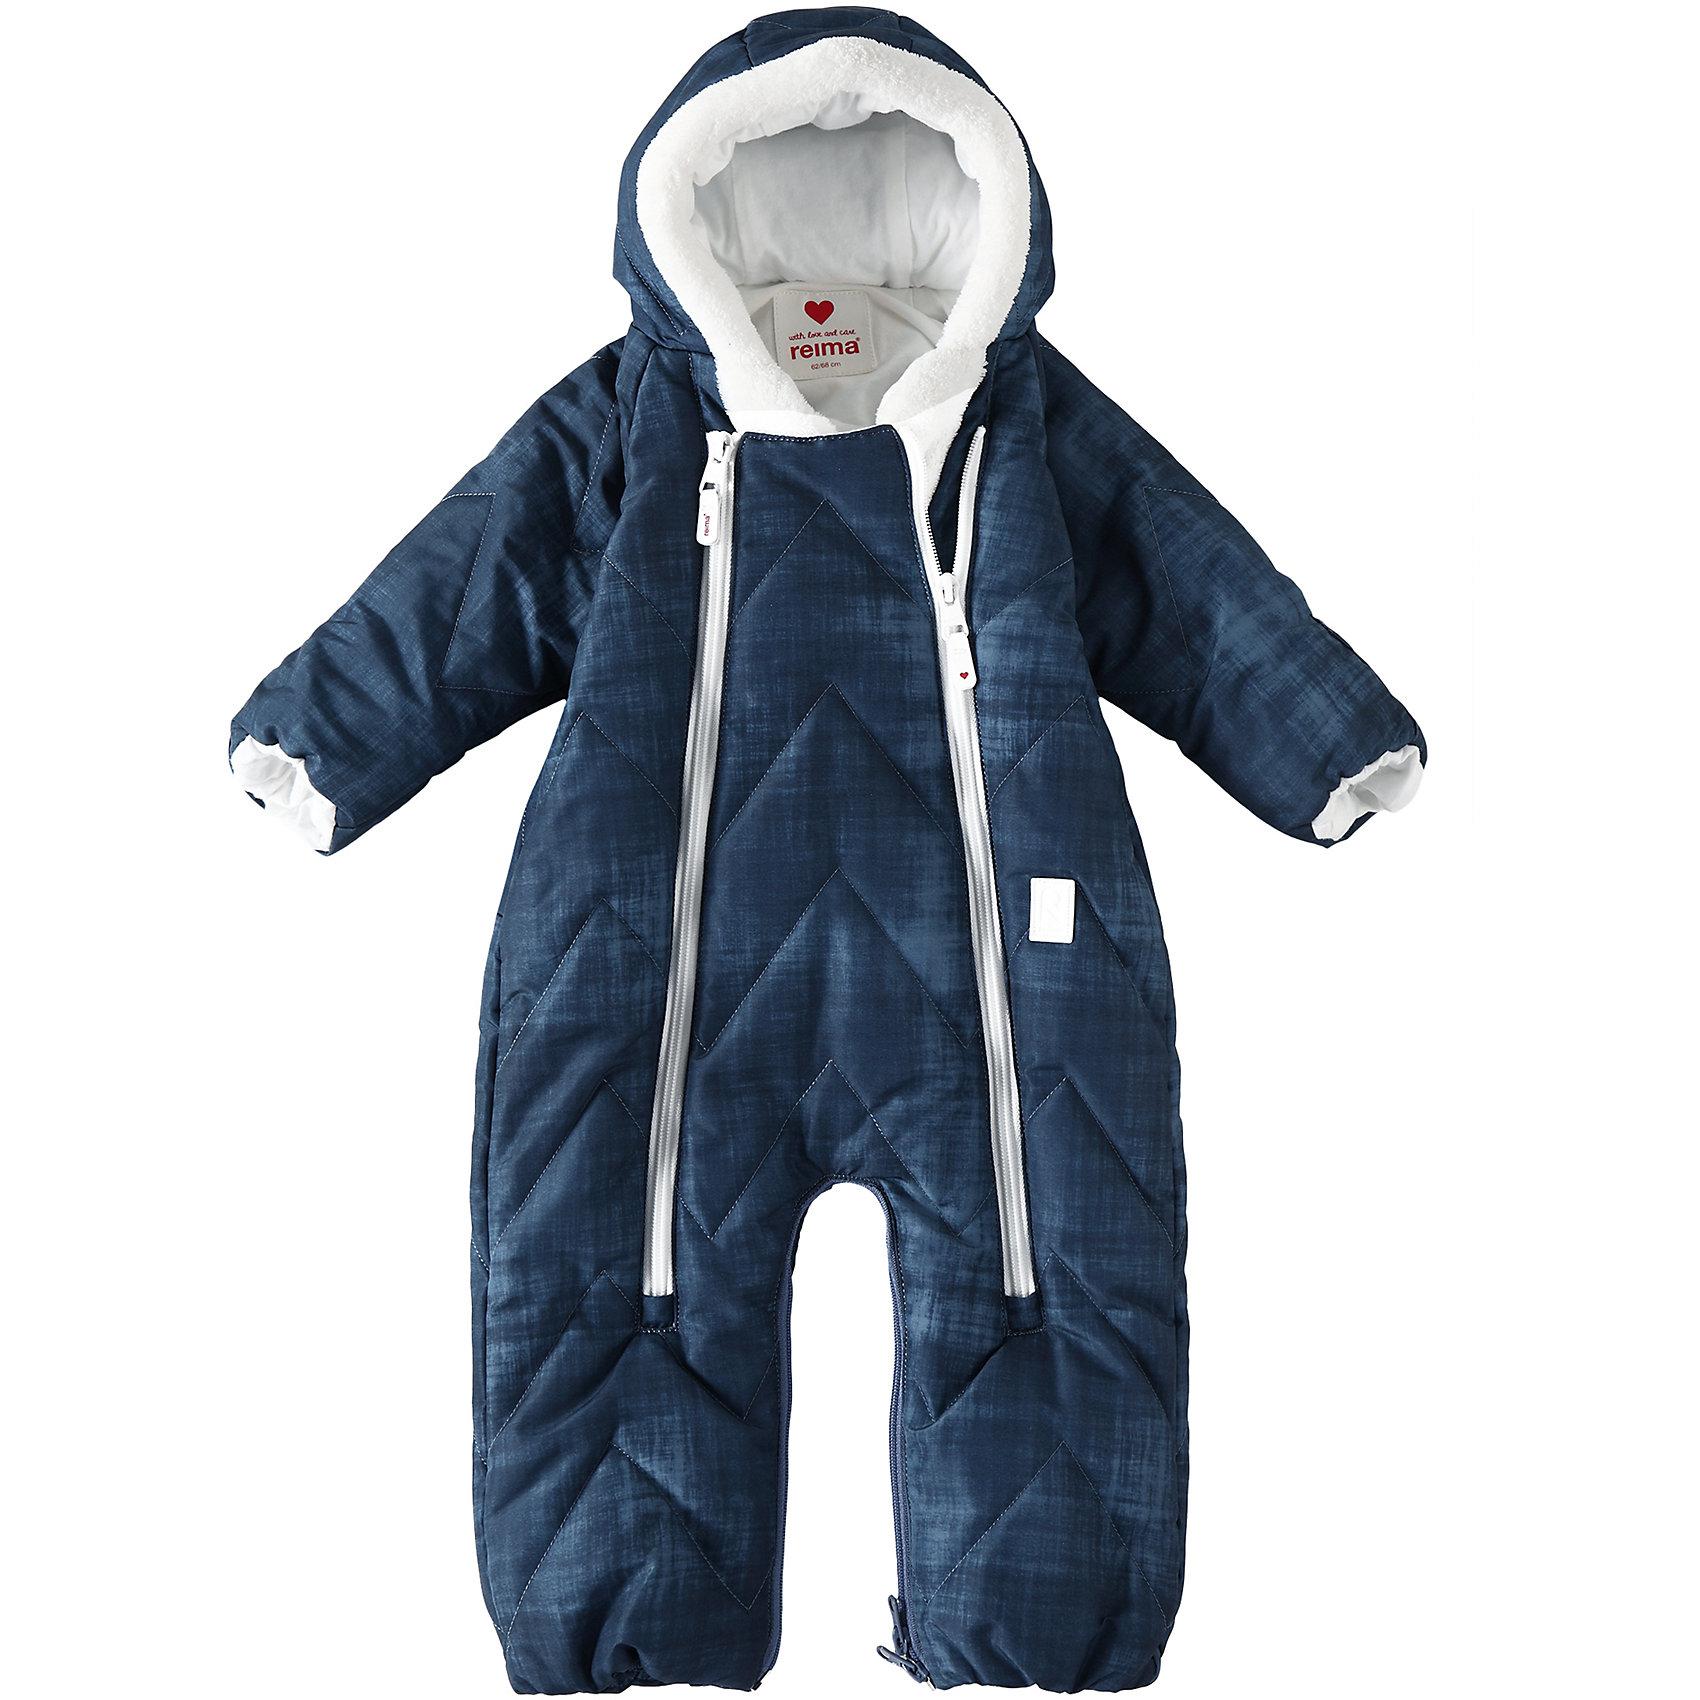 Комбинезон Nalle ReimaВерхняя одежда<br>Теплый зимний стеганый комбинезон для новорожденных с помощью застежки-молнии легко превращается в конверт. Для его изготовления использован водоотталкивающий, ветронепроницаемый и дышащий материал, и наполовину произведенный из переработанного полиэстера. Этот комбинезон создан с заботой о малышах и их комфорте: мы немного опустили застежку-молнию – теперь подбородок защищен мягким и теплым материалом, и малыш не поцарапается о молнию. Обратите внимание на стильный джинсовый дизайн!<br>Состав:<br>100% Полиэстер<br><br>Ширина мм: 356<br>Глубина мм: 10<br>Высота мм: 245<br>Вес г: 519<br>Цвет: синий<br>Возраст от месяцев: 6<br>Возраст до месяцев: 9<br>Пол: Унисекс<br>Возраст: Детский<br>Размер: 74/80,50/56,62/68<br>SKU: 6968349